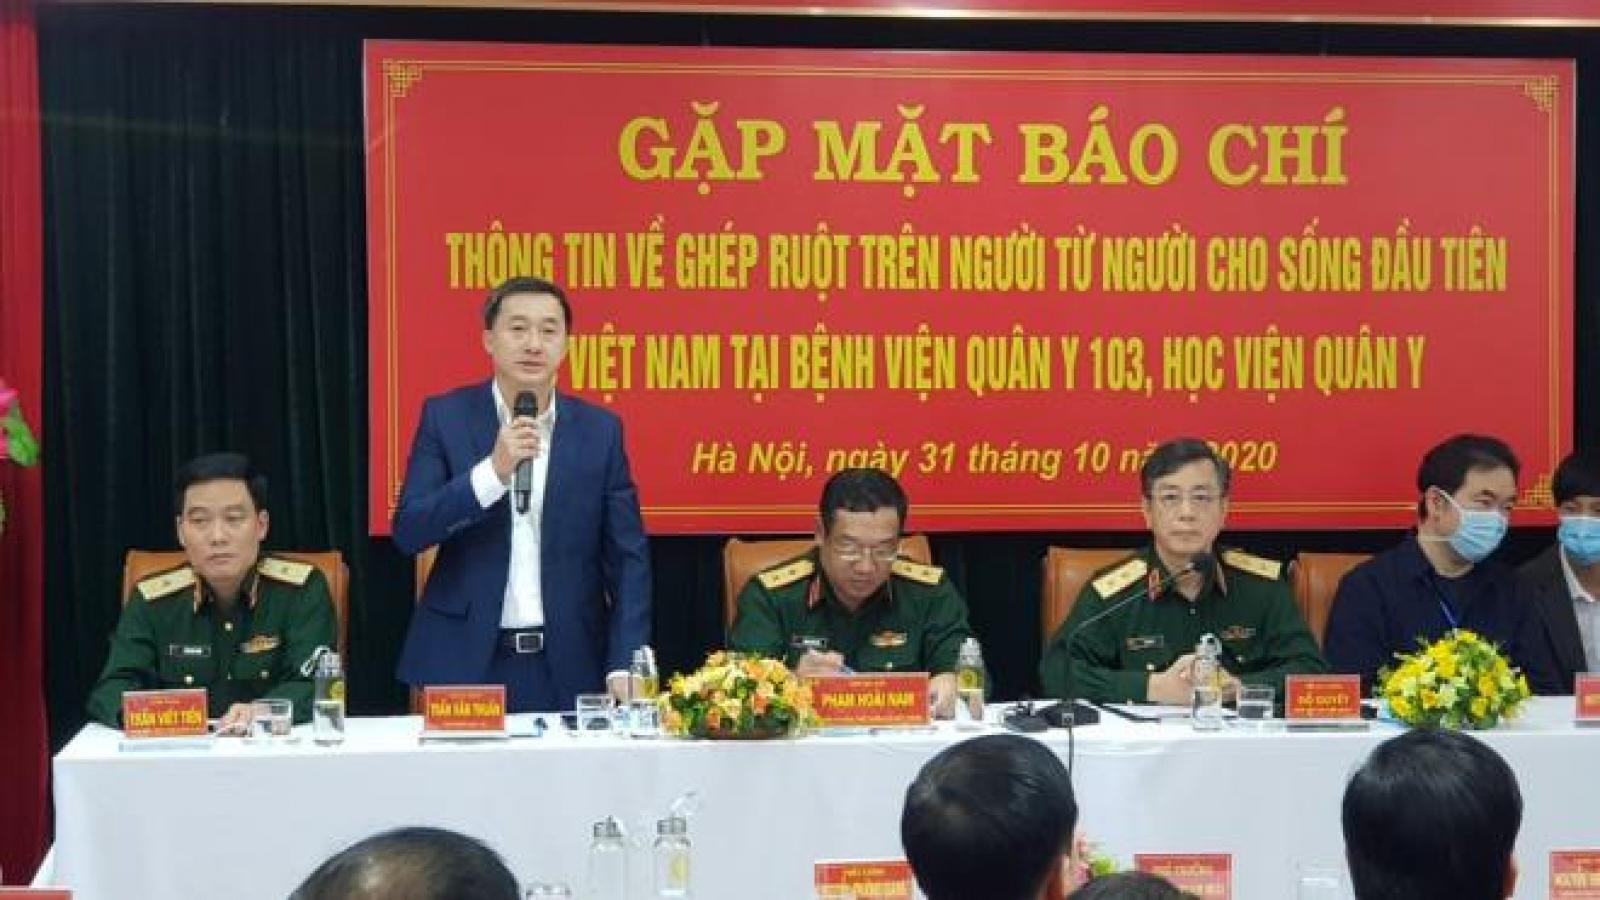 Việt Nam thực hiện ghép ruột thành công cho 2 bệnh nhân